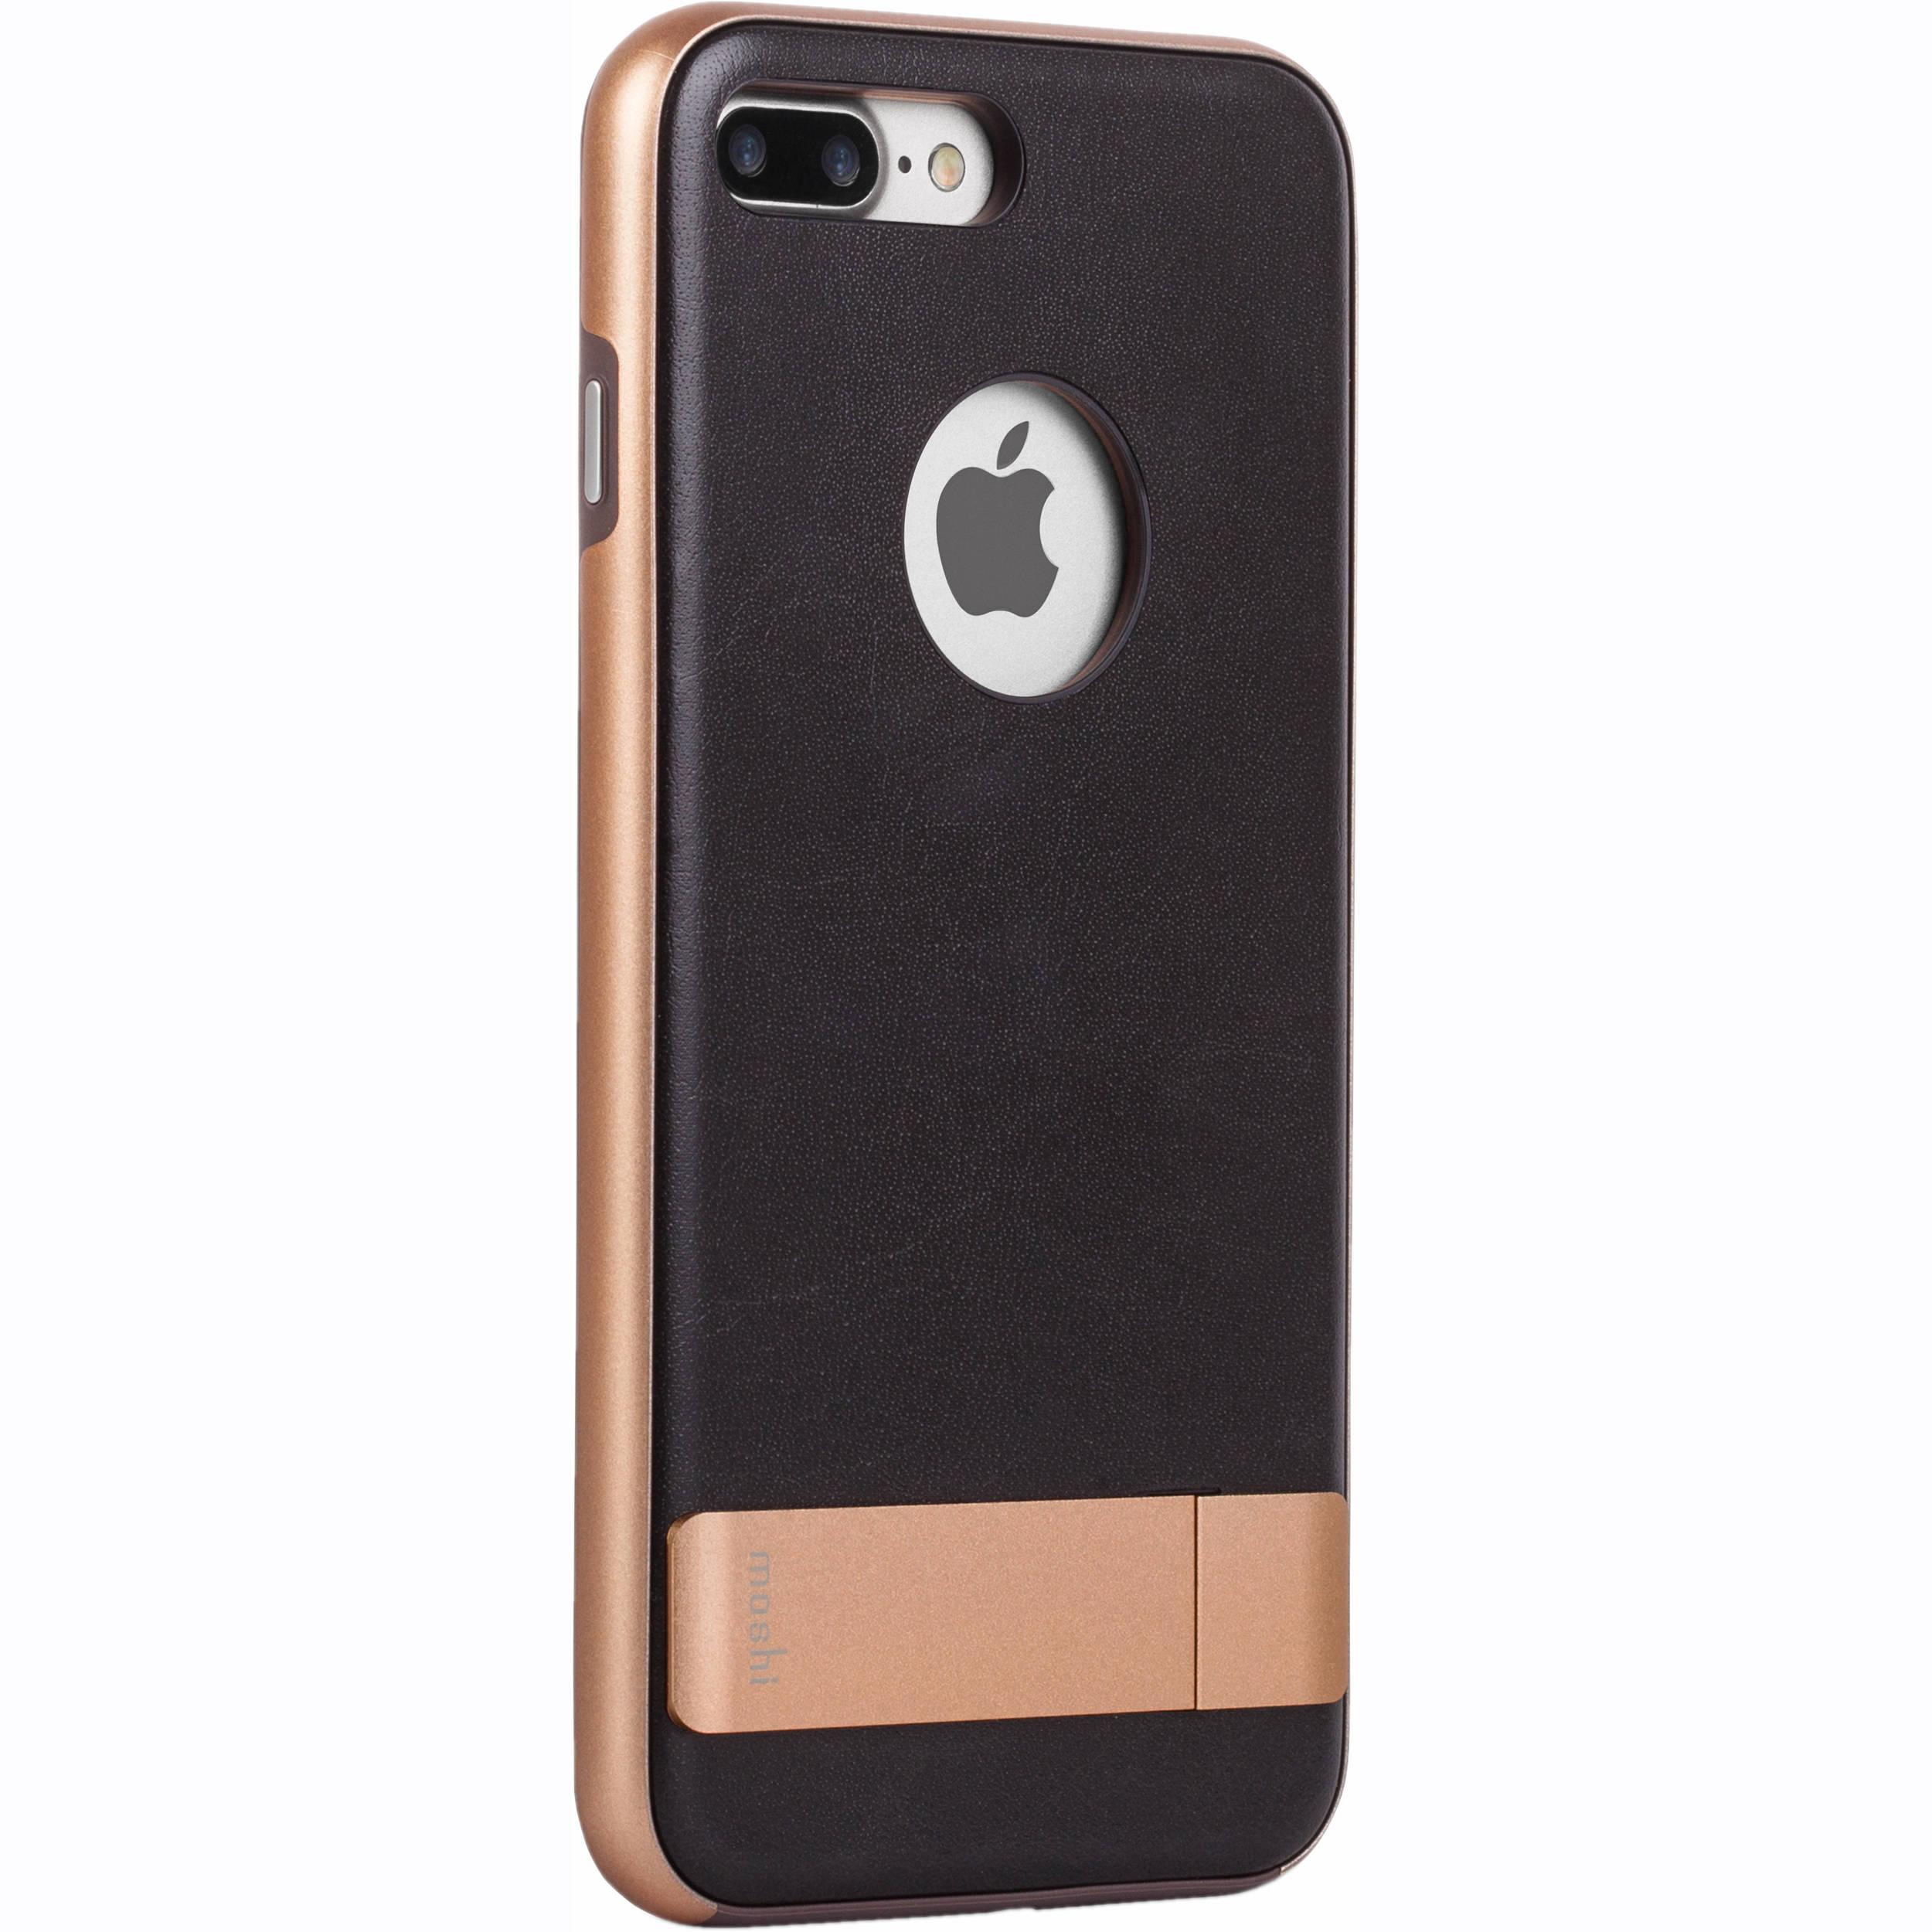 promo code 2b91c 5c18c Moshi Kameleon Case for iPhone 7 Plus (Imperial Black)